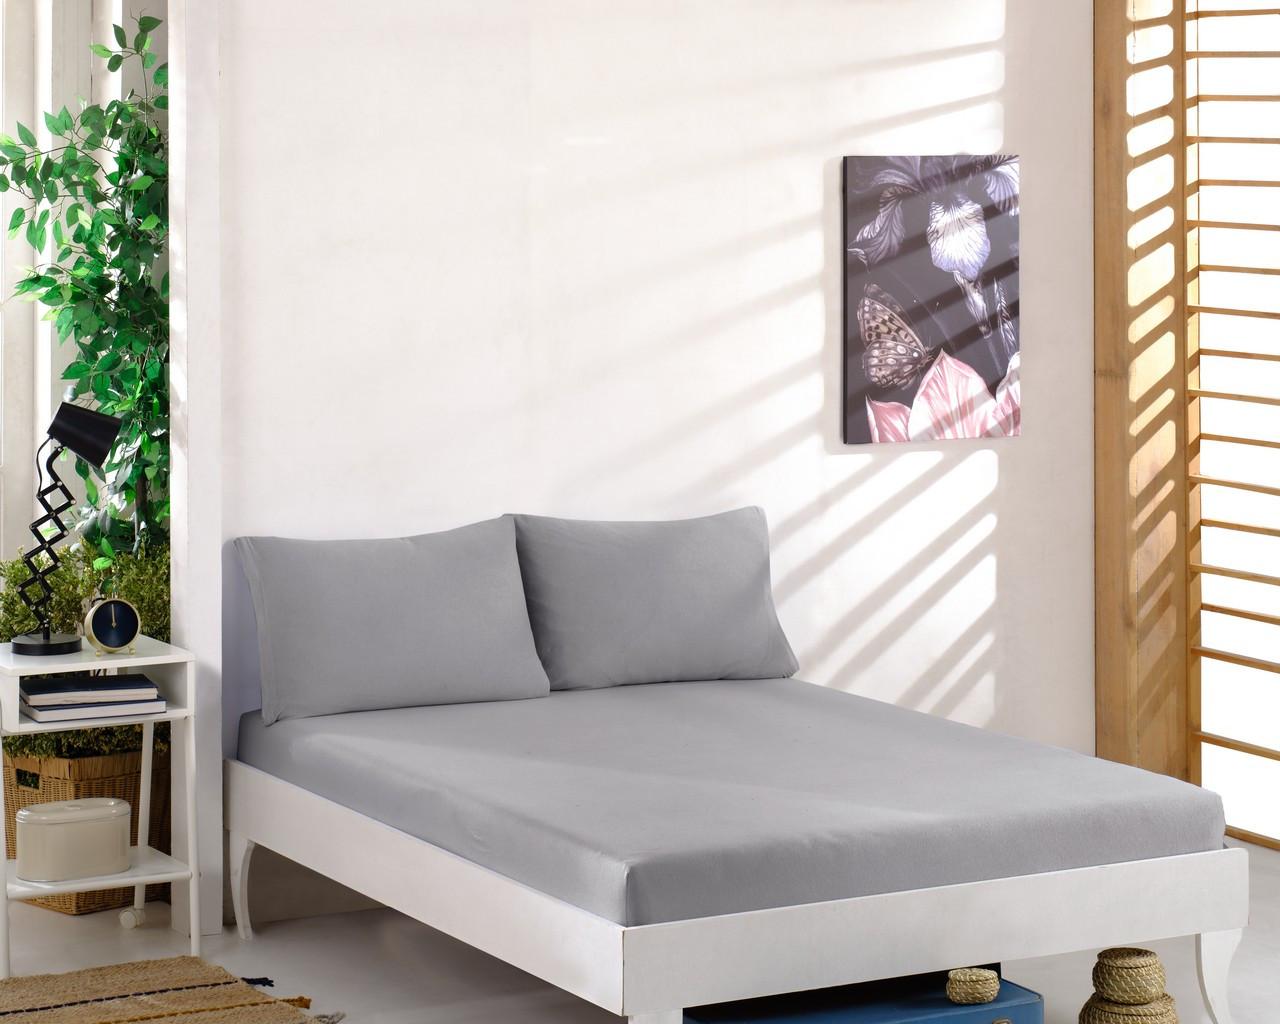 Простынь трикотажная на резинке спальное место  160 x 200 см с 2 наволочками 50*70 см Цвет Серый